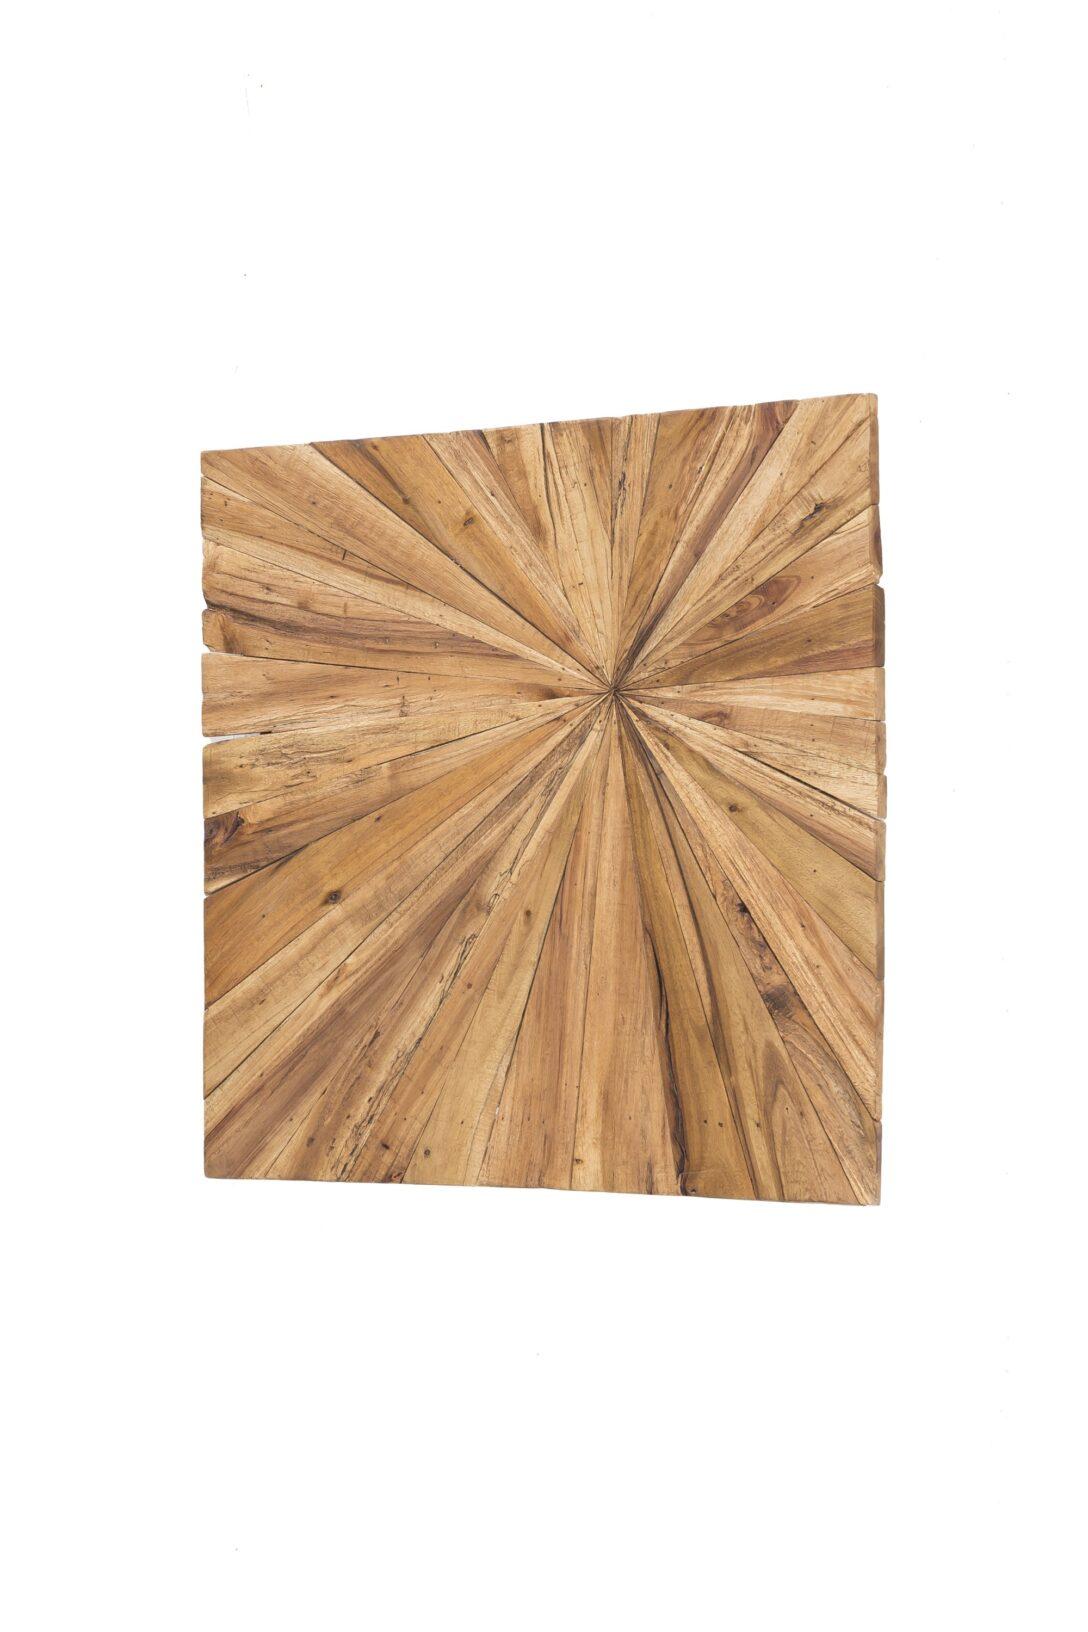 Large Size of Wanddeko Holz Wandbild 70cm Bild Relief Massivholz Handarbeit Esstisch Holzplatte Regal Massivholzküche Betten Aus Holzhaus Garten Bett 180x200 Holzküche Wohnzimmer Wanddeko Holz